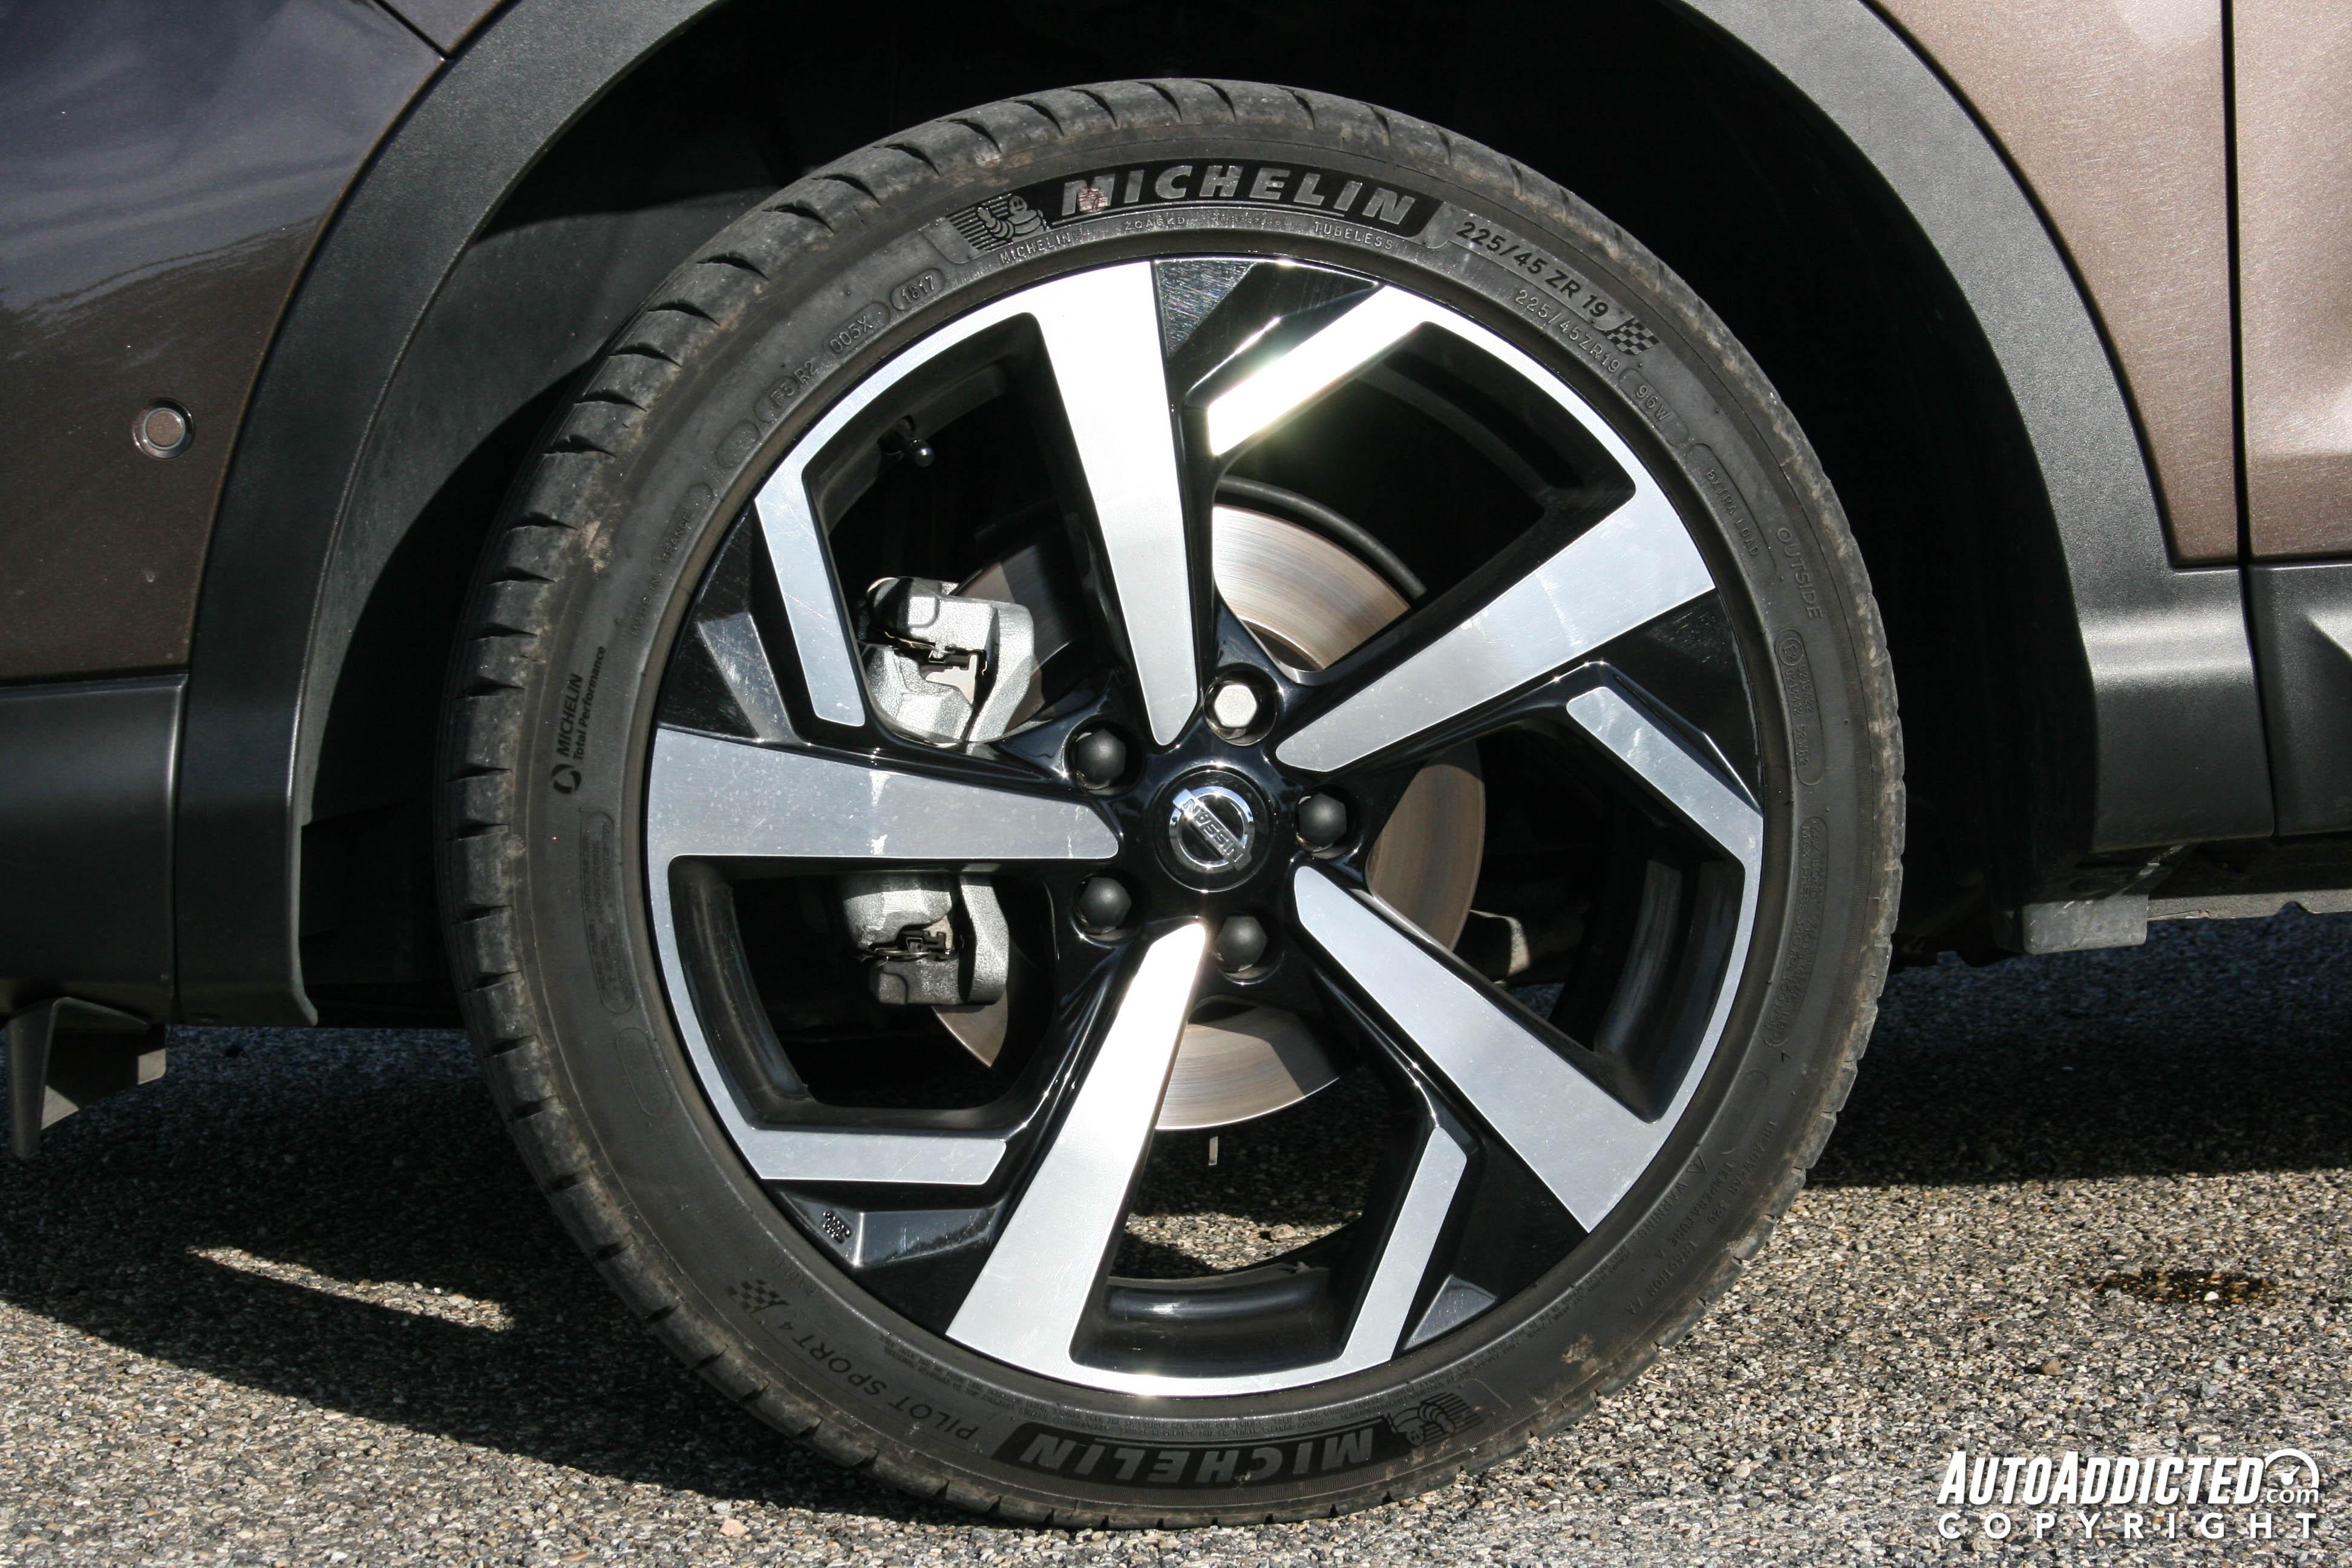 Nissan QASHQAI 1.6 DIG-T Tekna+ (163cv) – la nostra #Videoprova